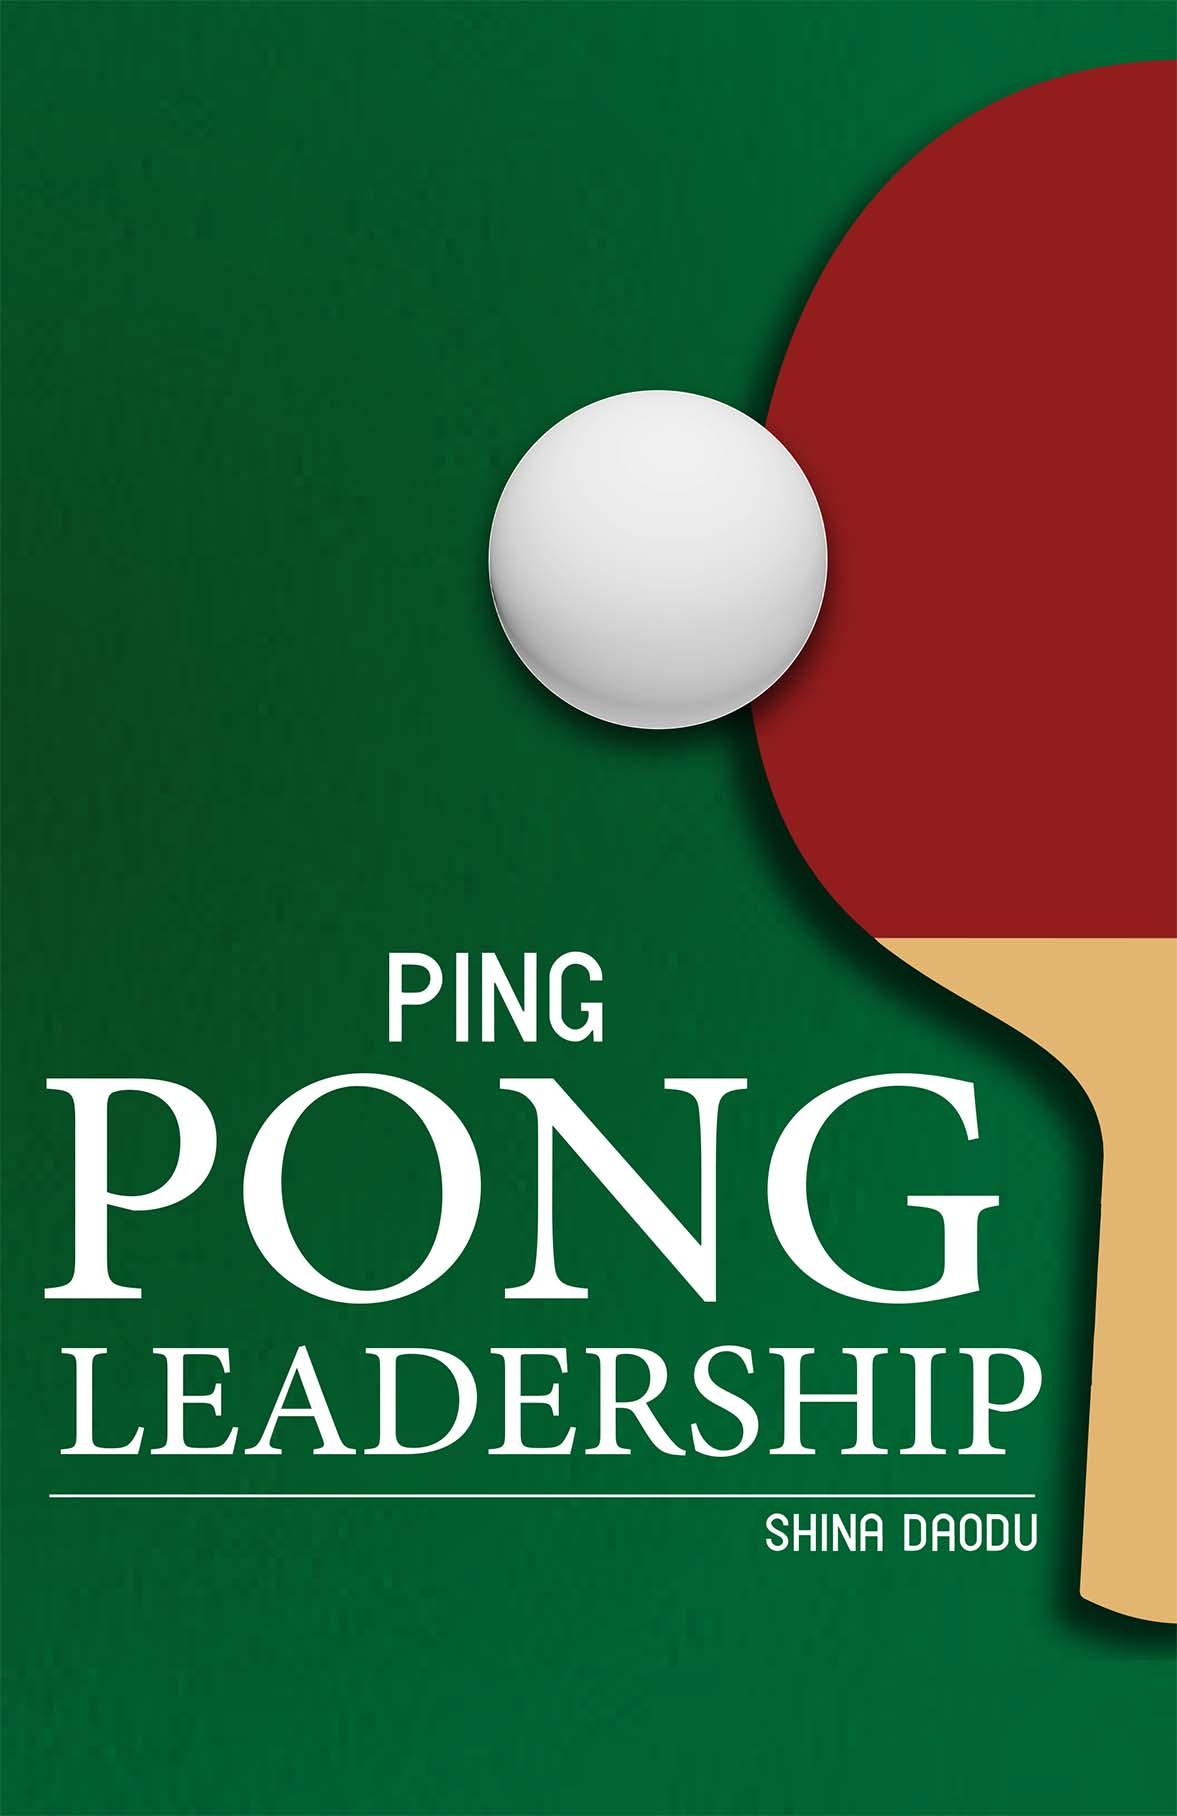 Book: Ping Pong Leadership by Shina Daodu